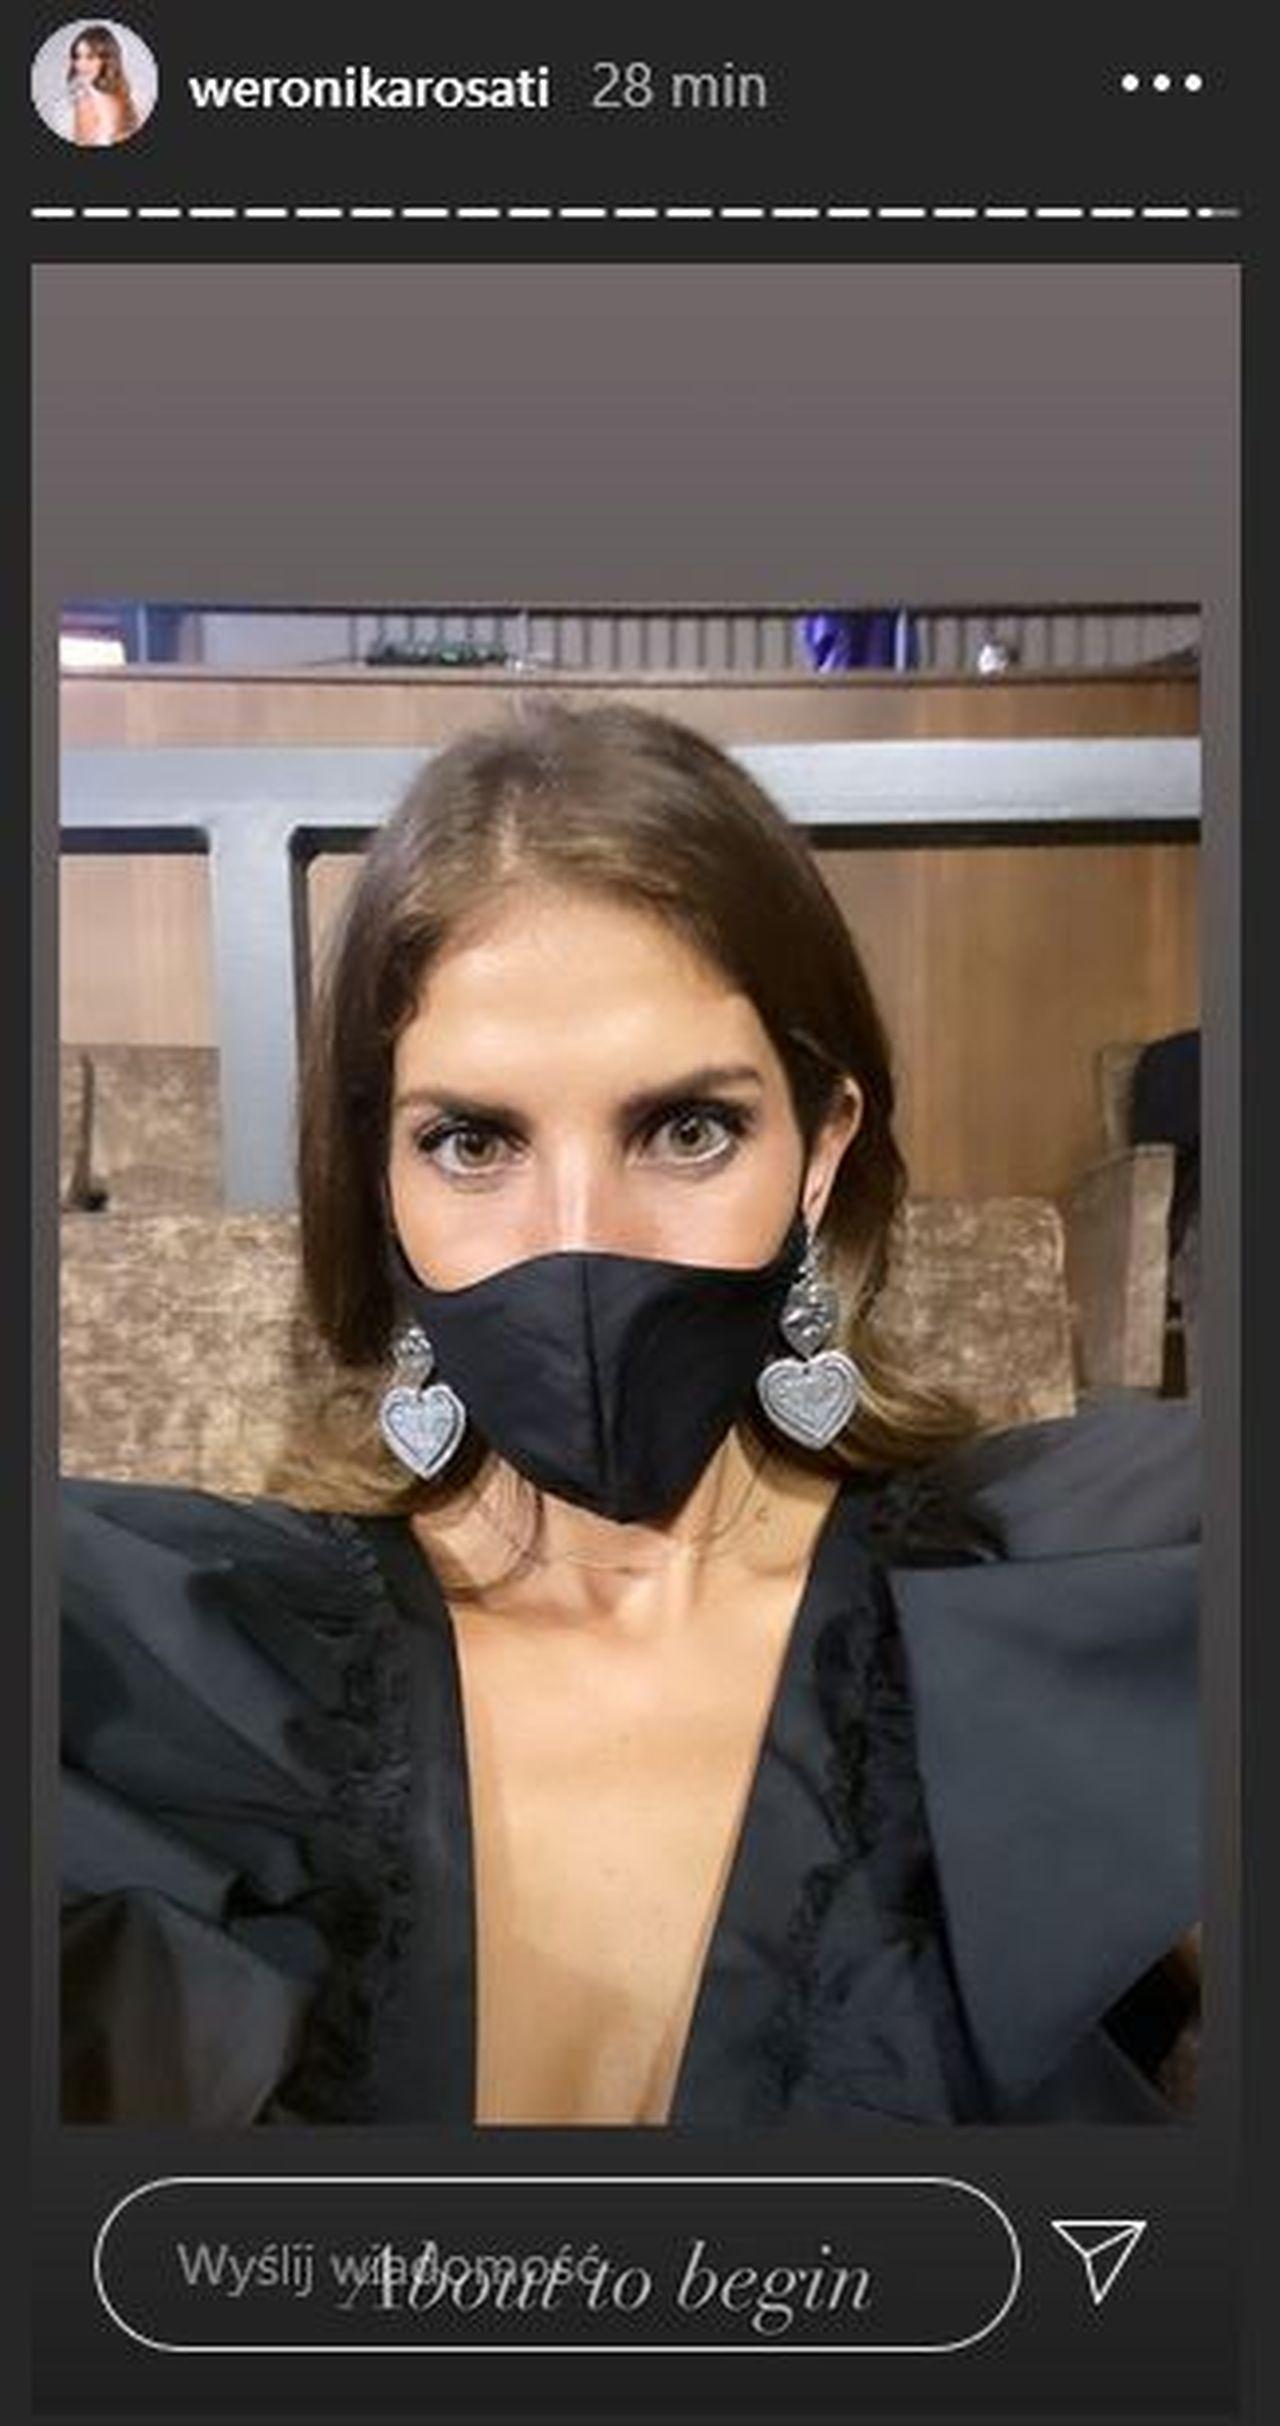 Weronika Rosati w czarnej maseczce